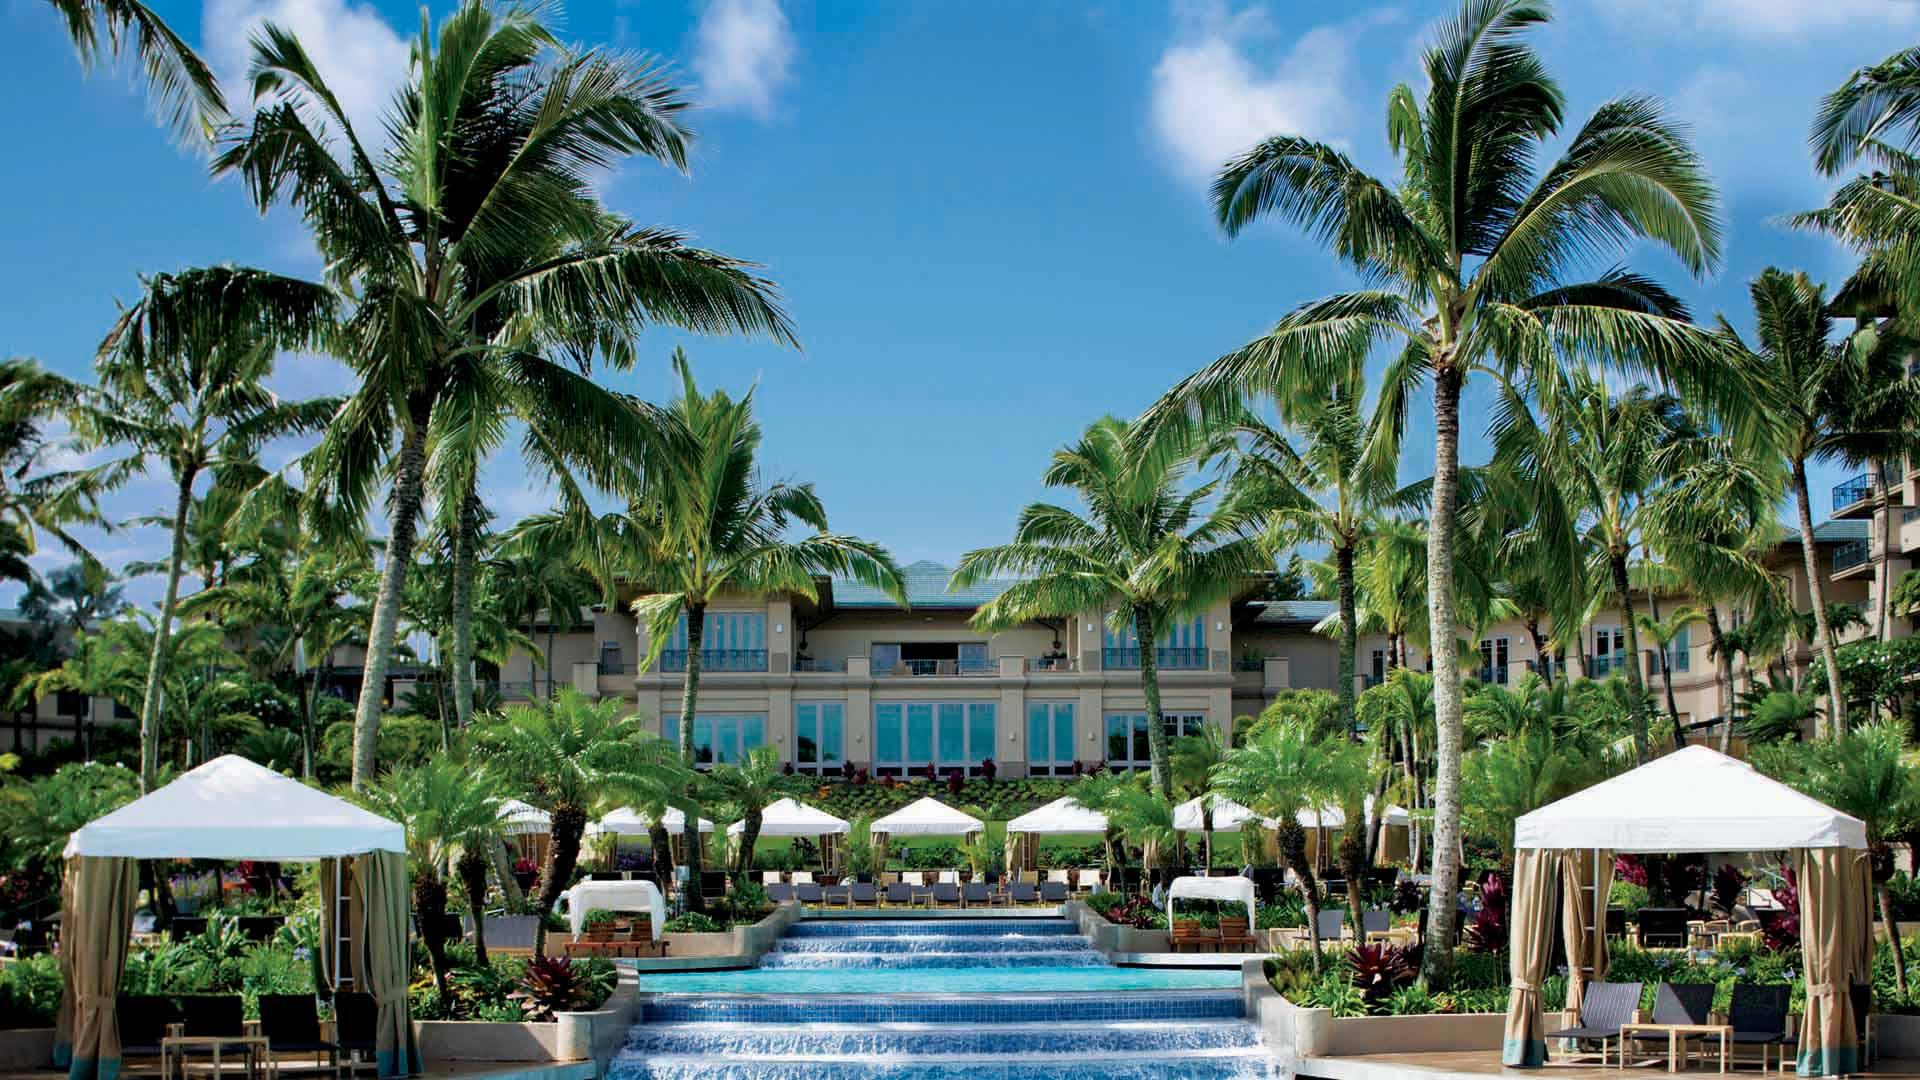 Ritz Carlton Kapalua, pool waterfall